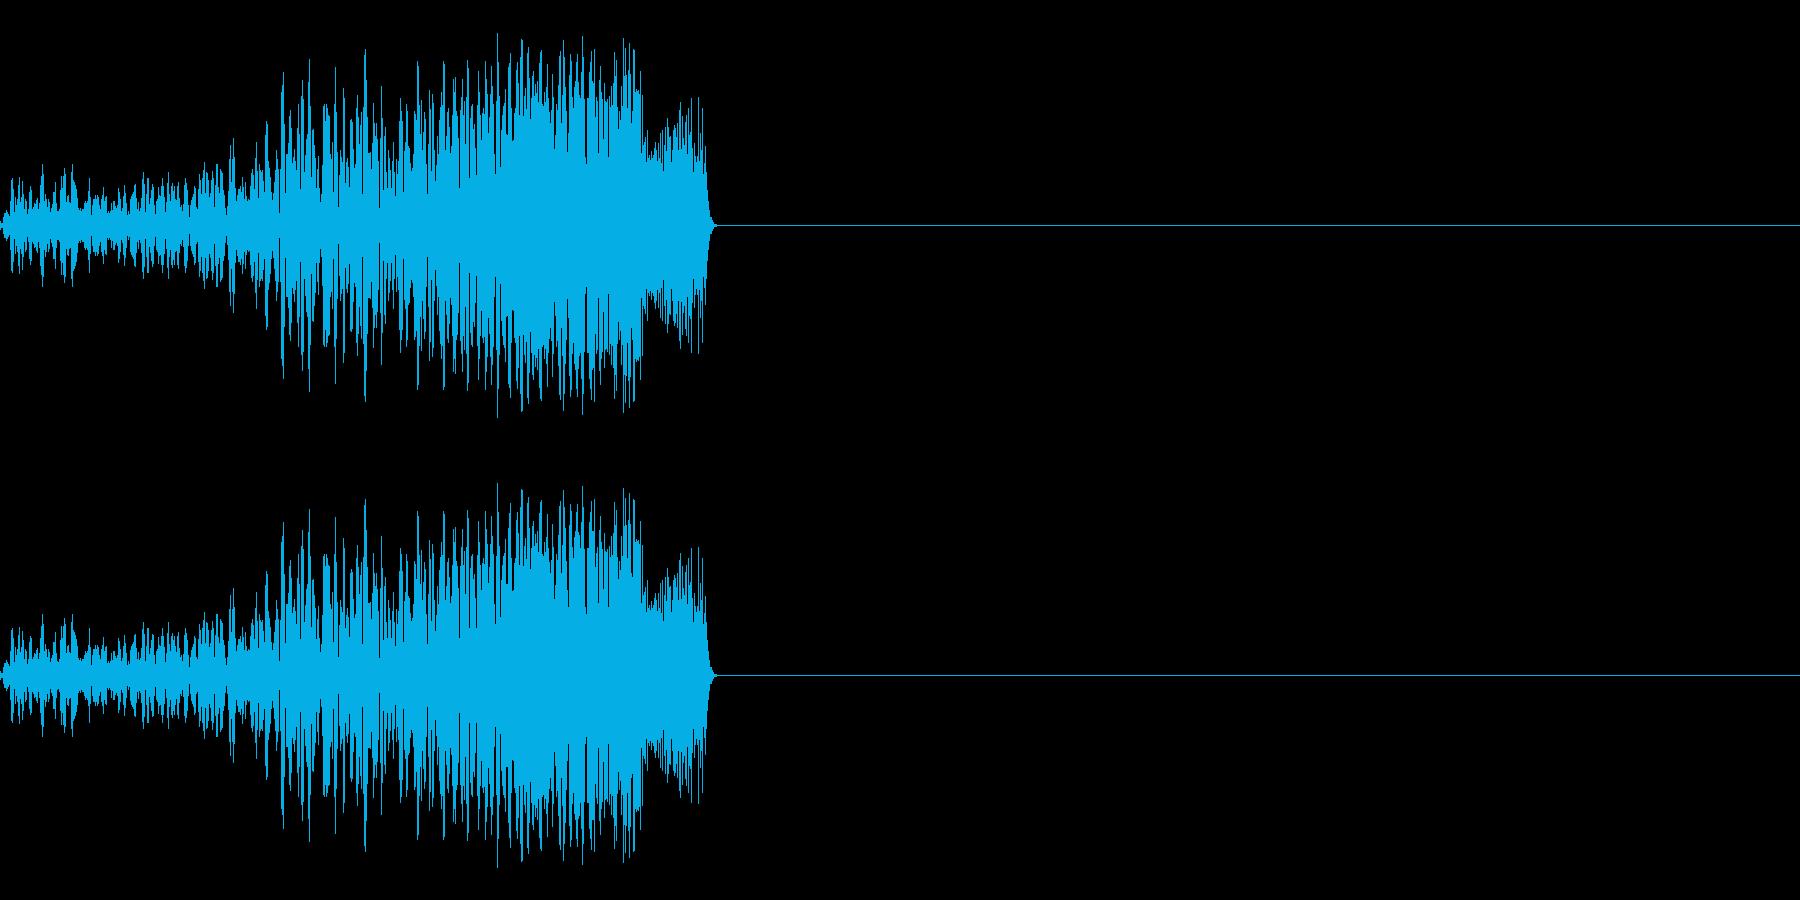 「表示」「テロップ」などのイメージの再生済みの波形